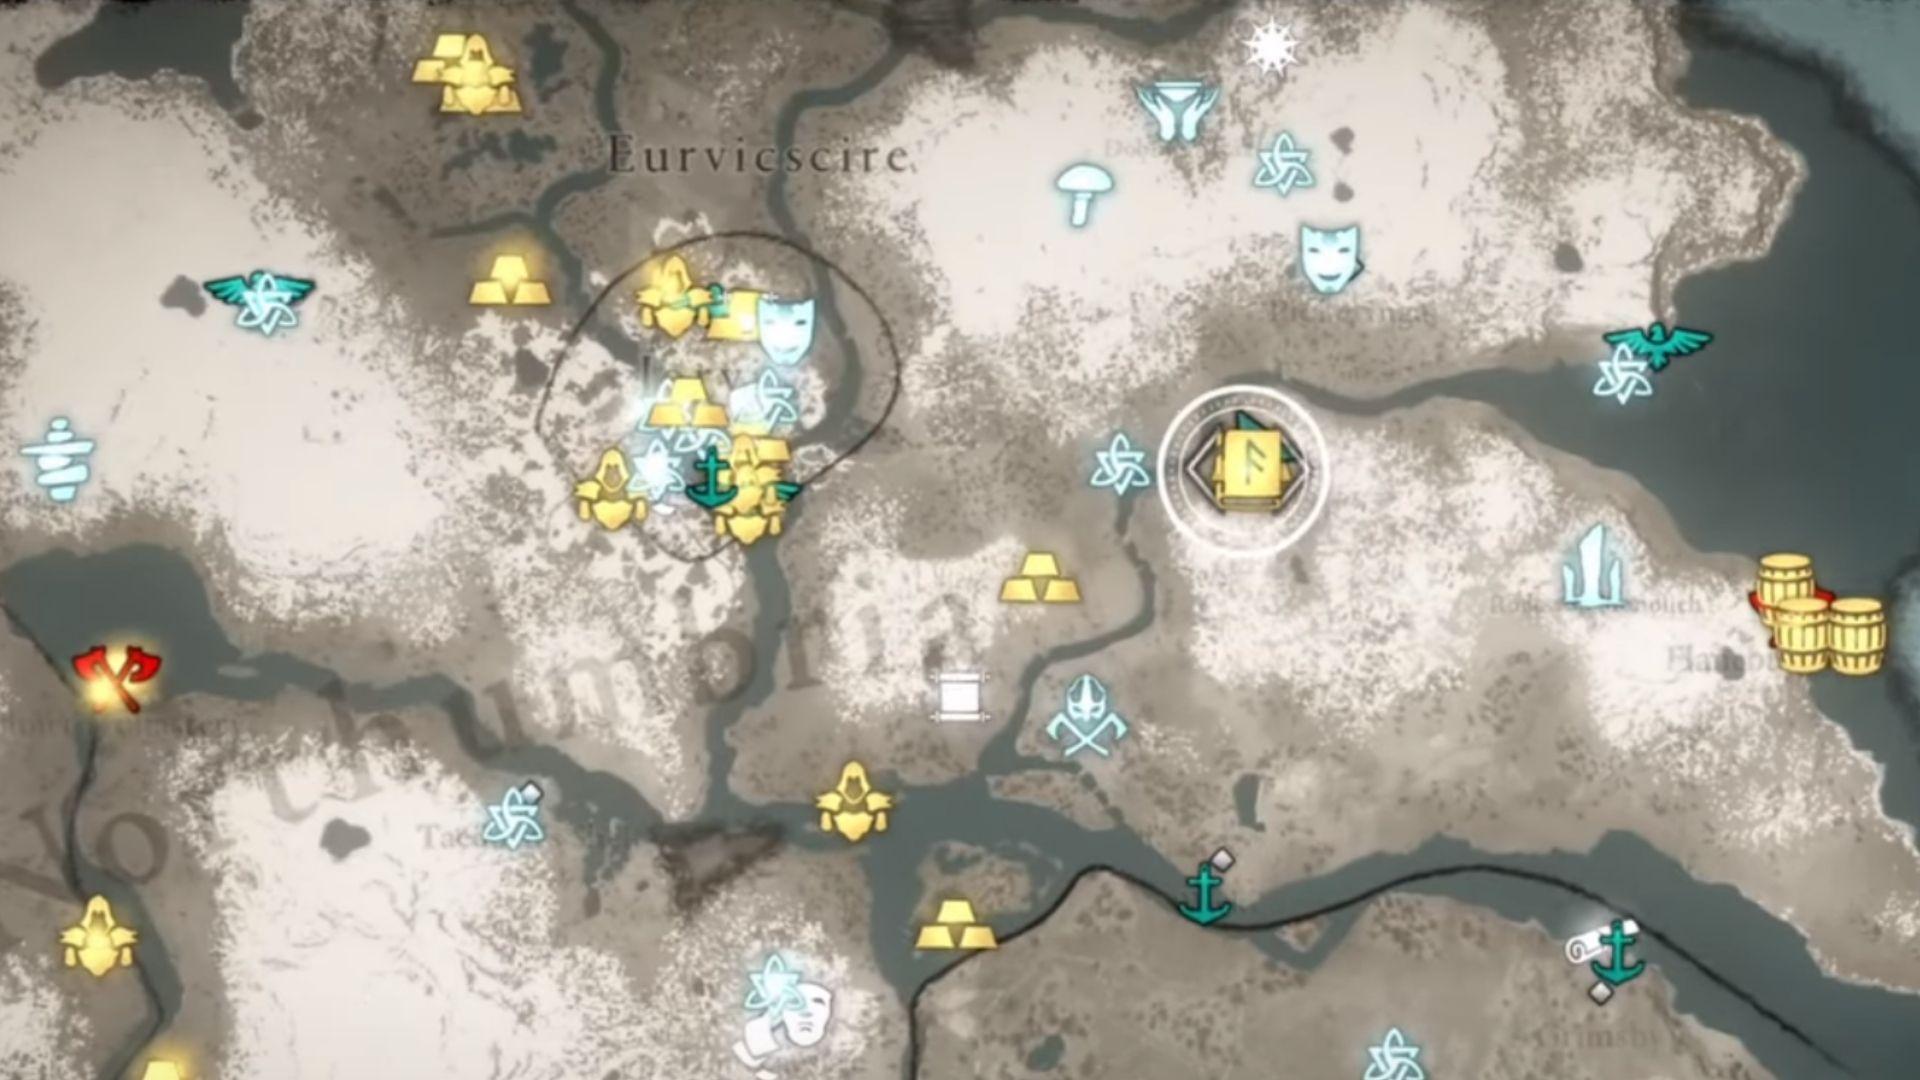 Eurvicscire map location